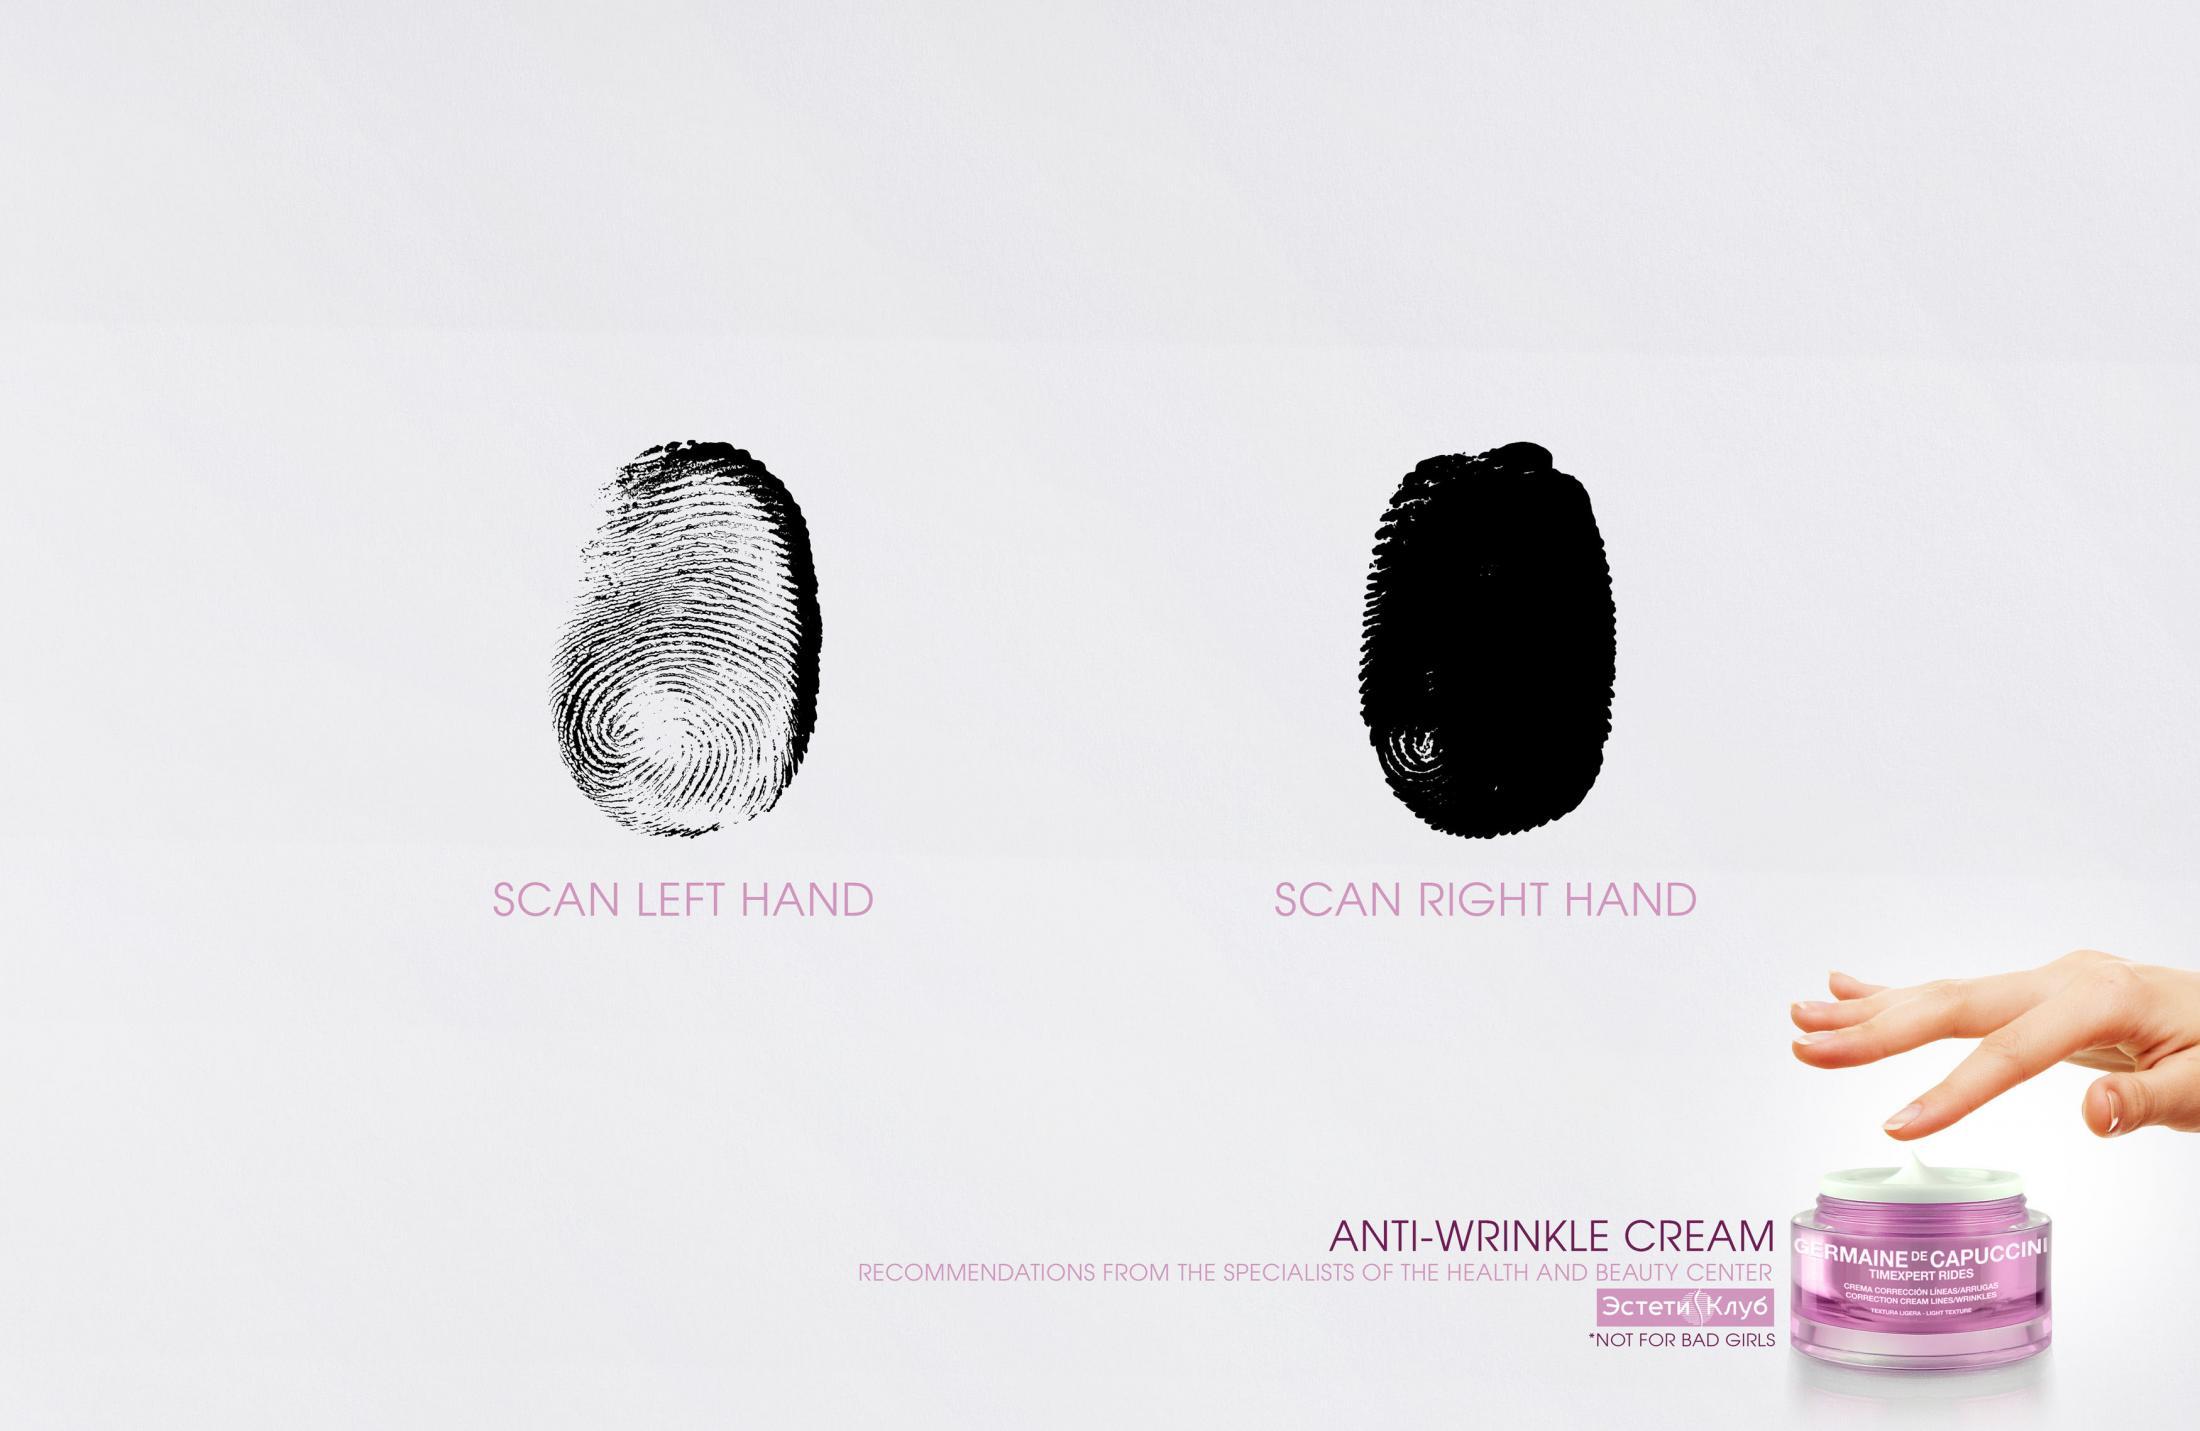 EstetiClub Print Ad - Anti-wrinkle Cream